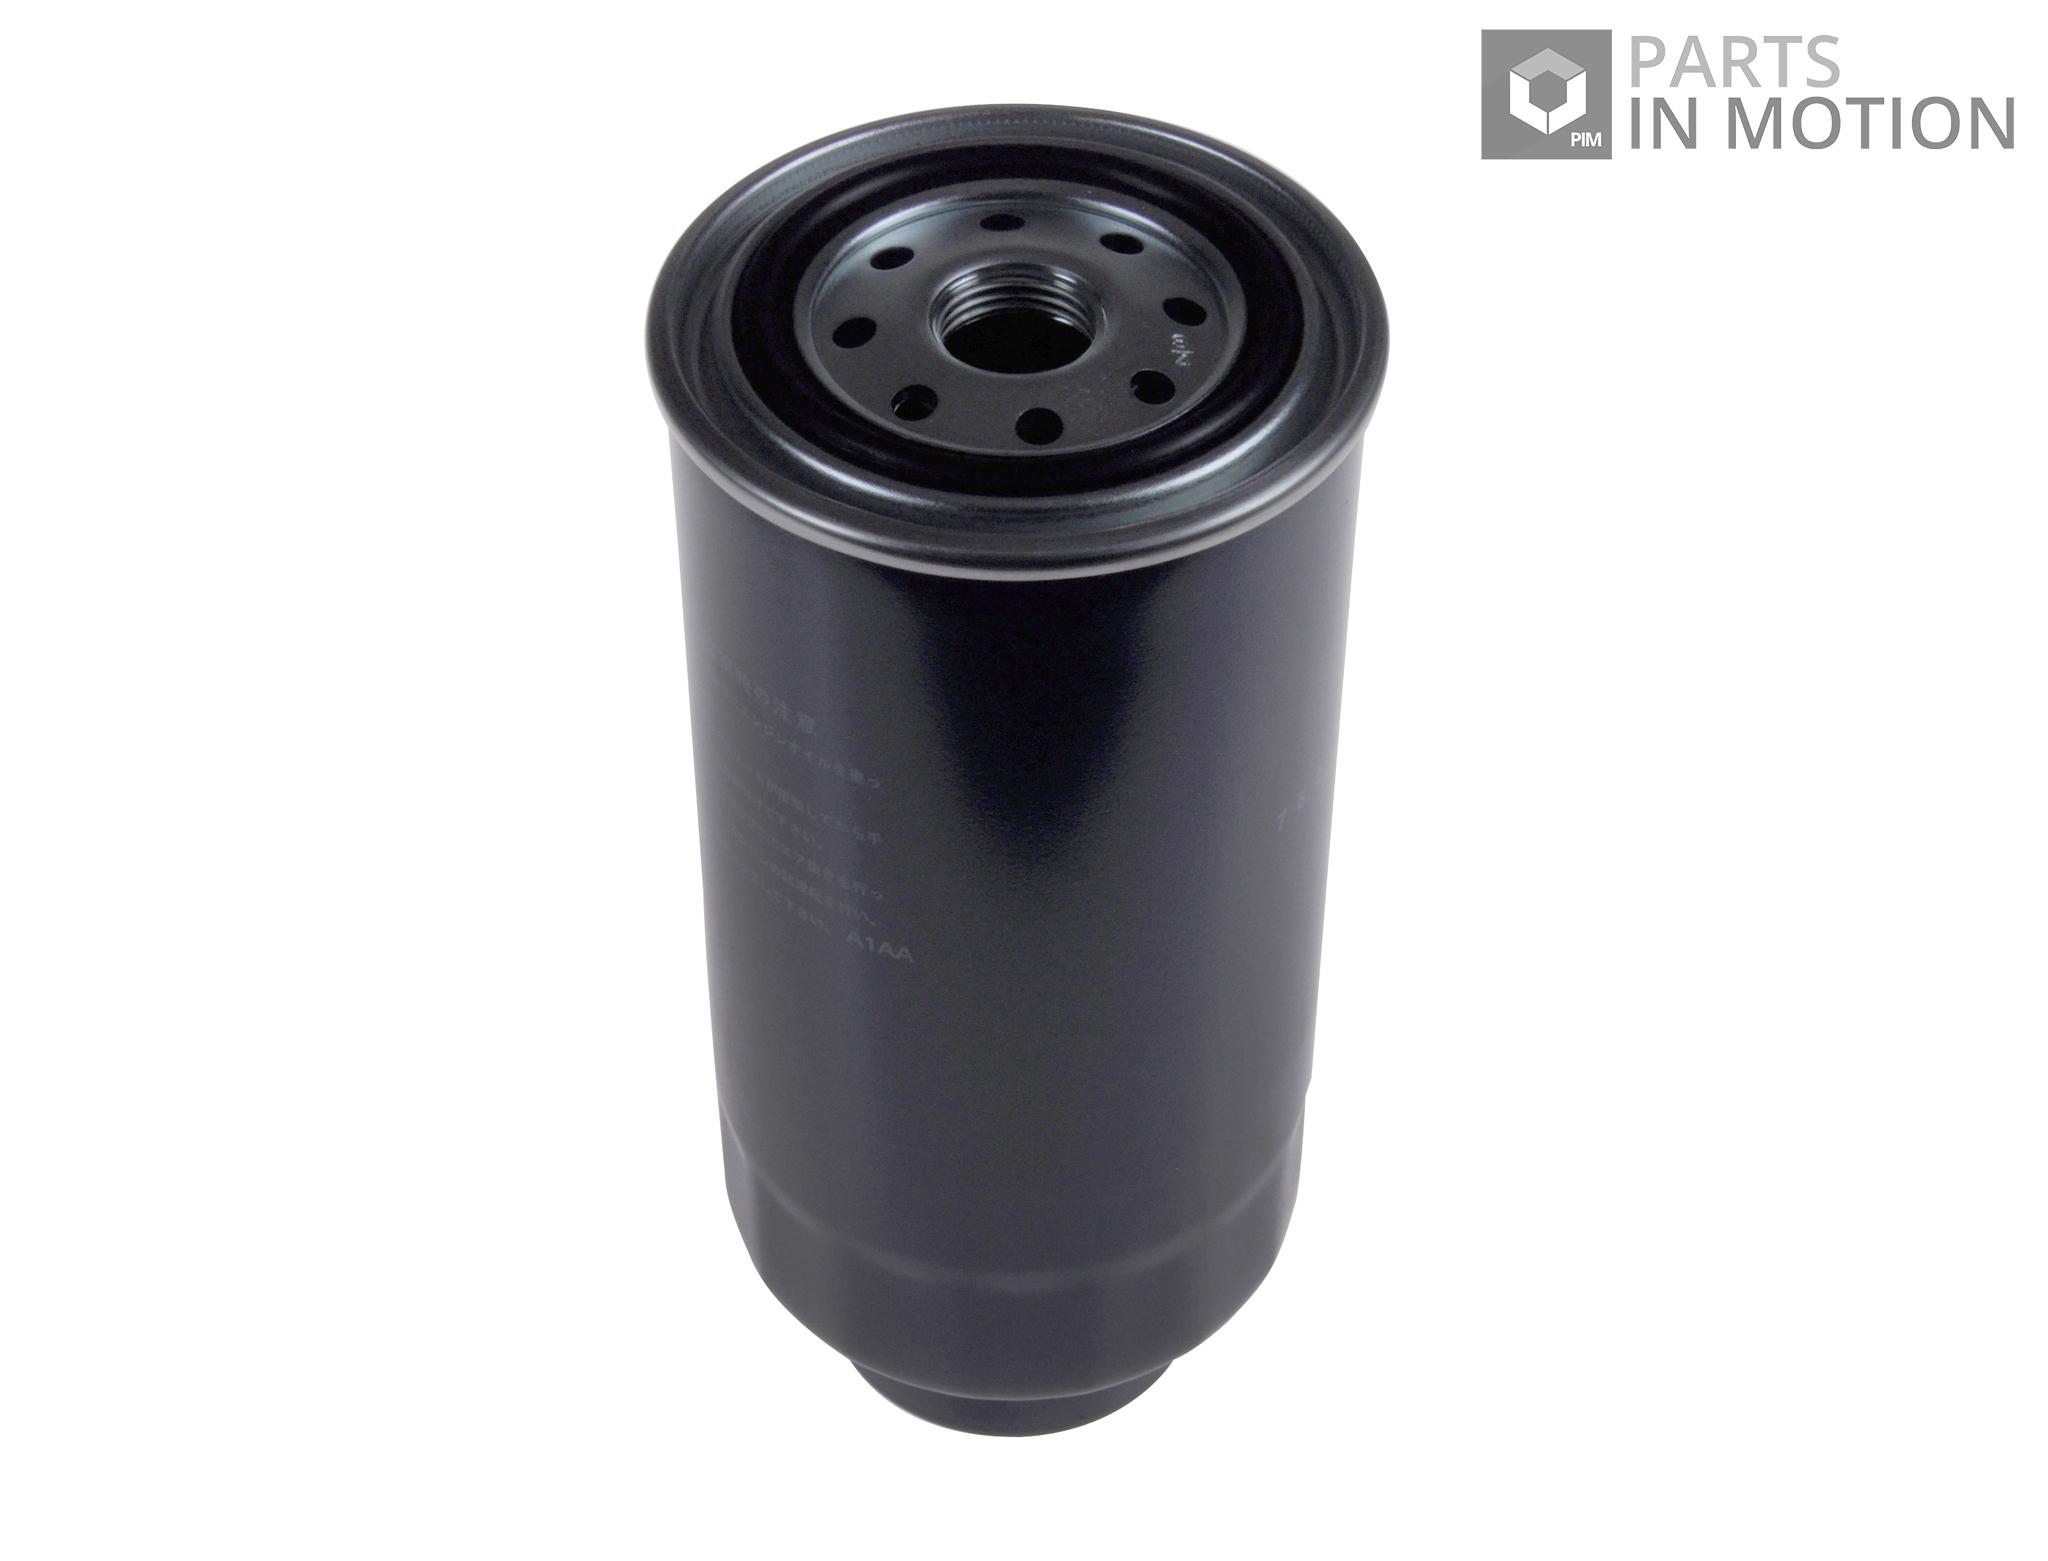 Fuel Filter Adn12326 Blue Print 16403vk11a 1640501t70 1640306j60 2008 Dodge Caliber Location 2